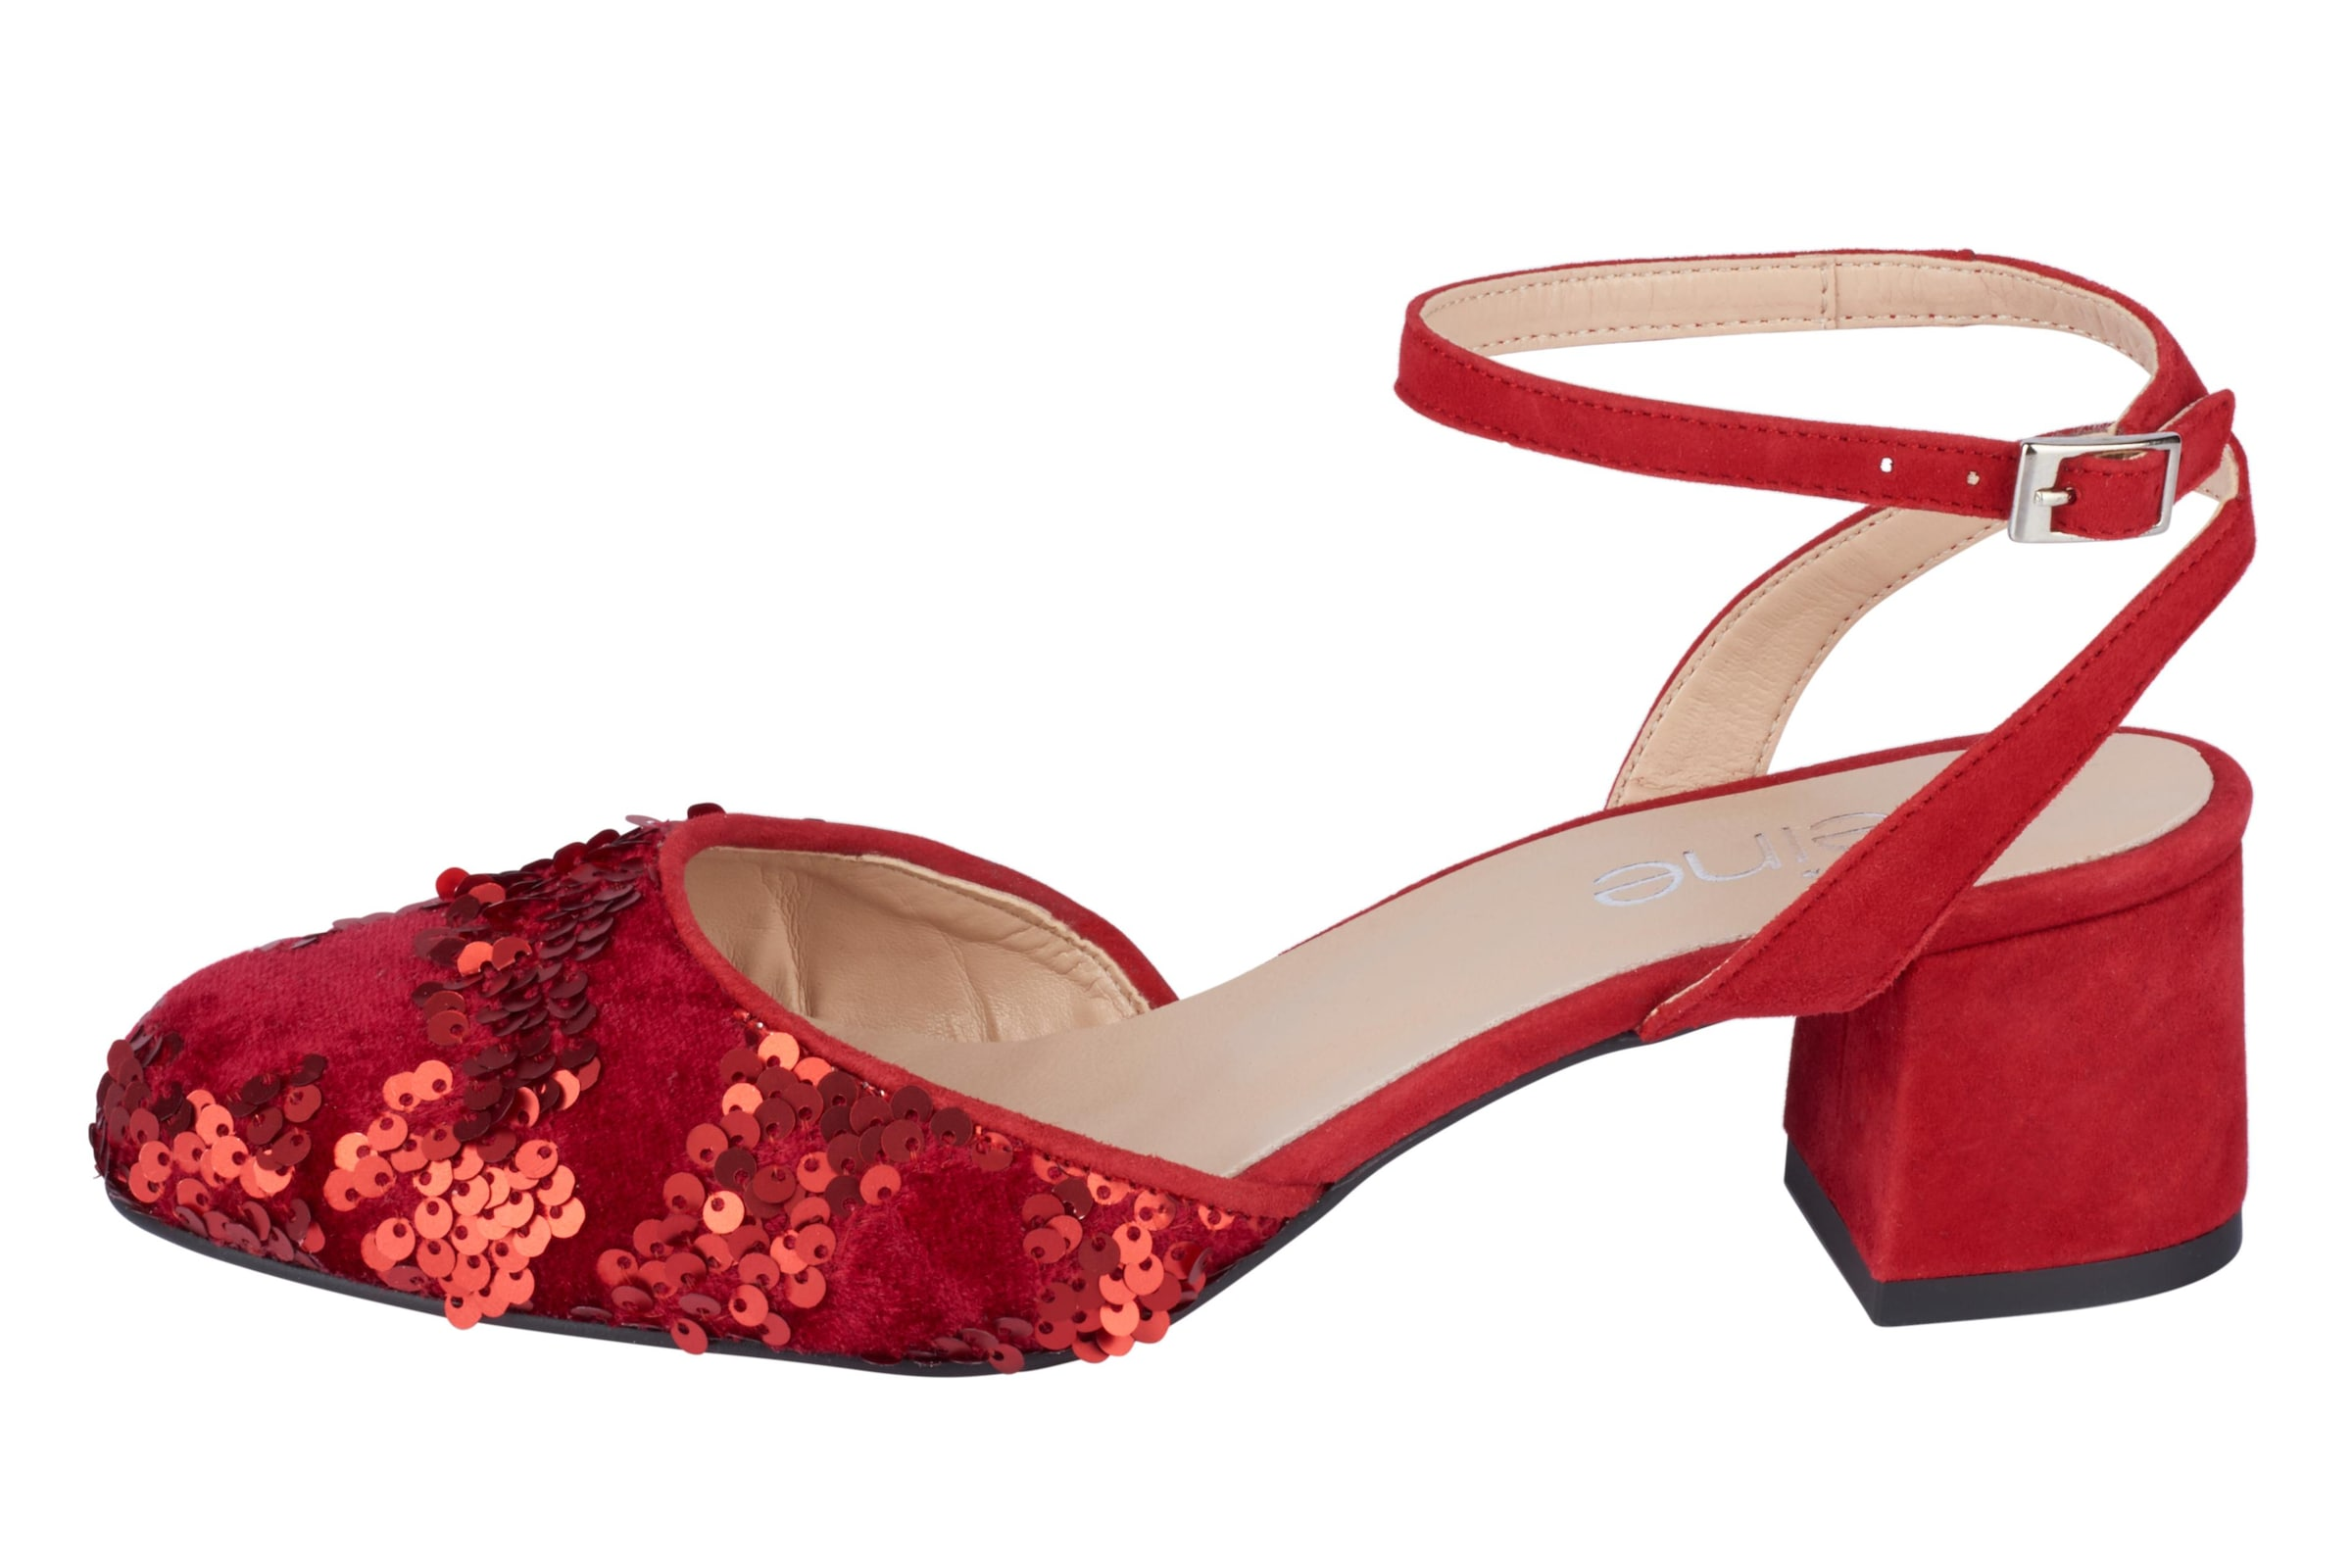 Haltbare Mode billige Schuhe heine Gut | Slingpumps Schuhe Gut heine getragene Schuhe cc3cd7